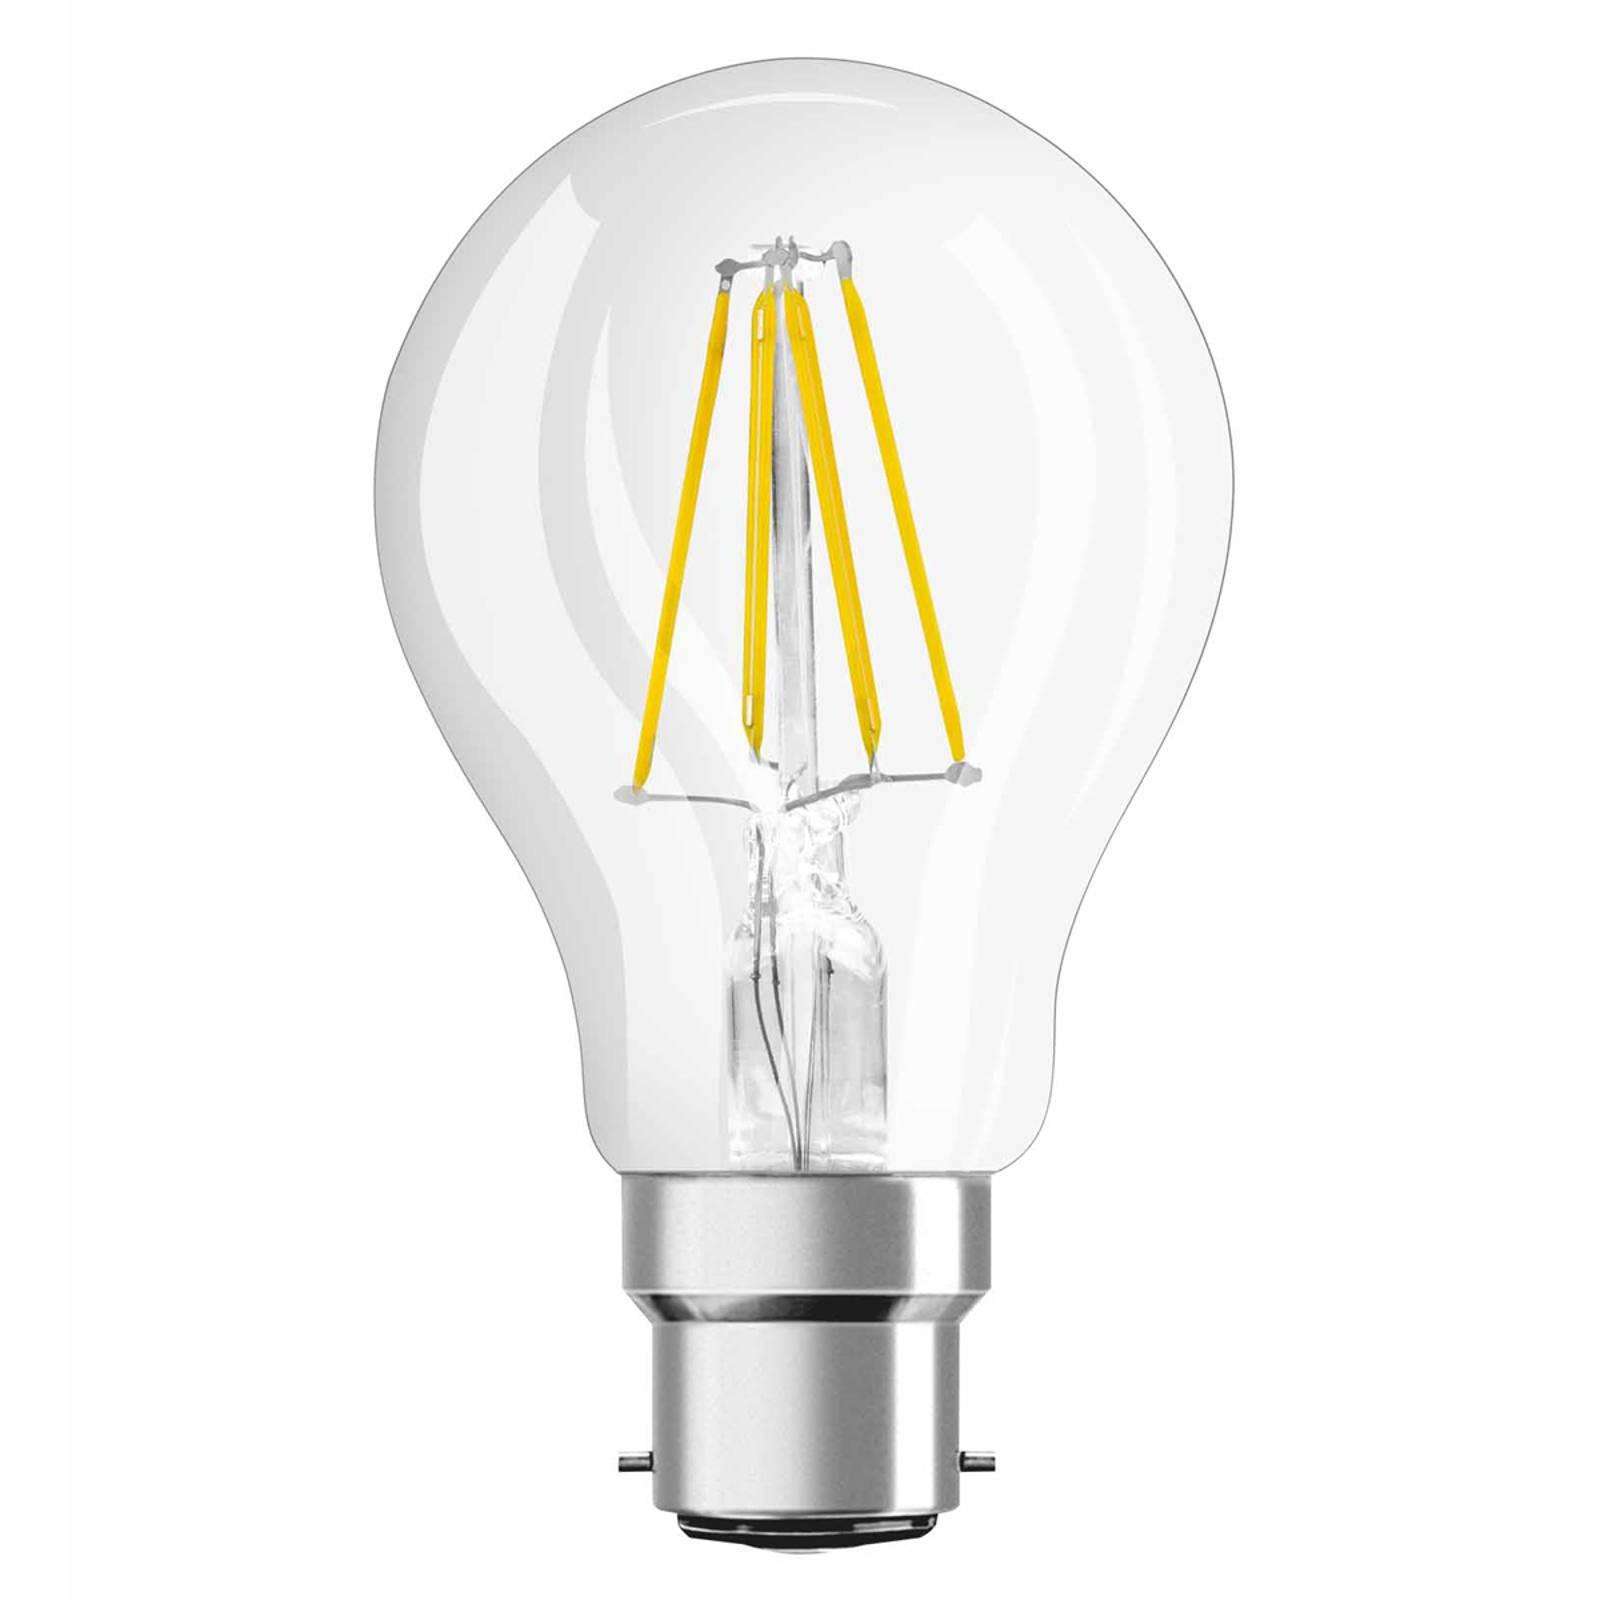 B22 4W 827 Filament LED-Lampe